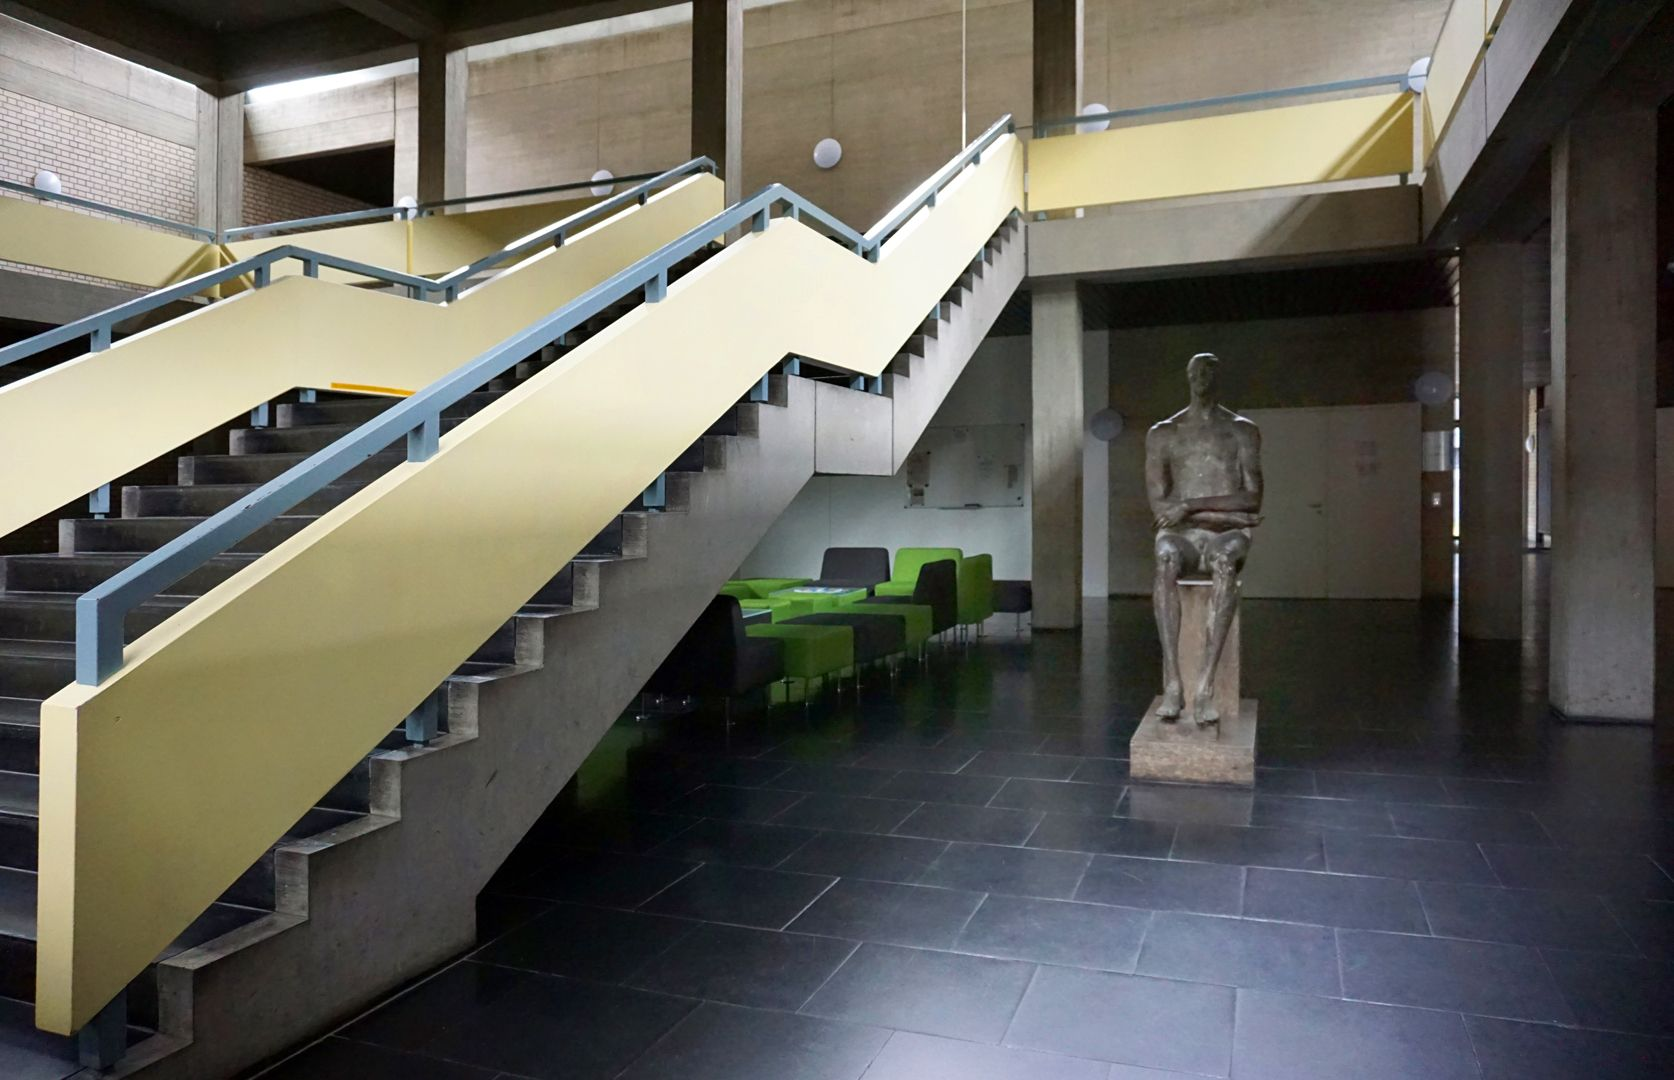 Römischer Jüngling Aufstellungsort im Foyer / Treppenhaus